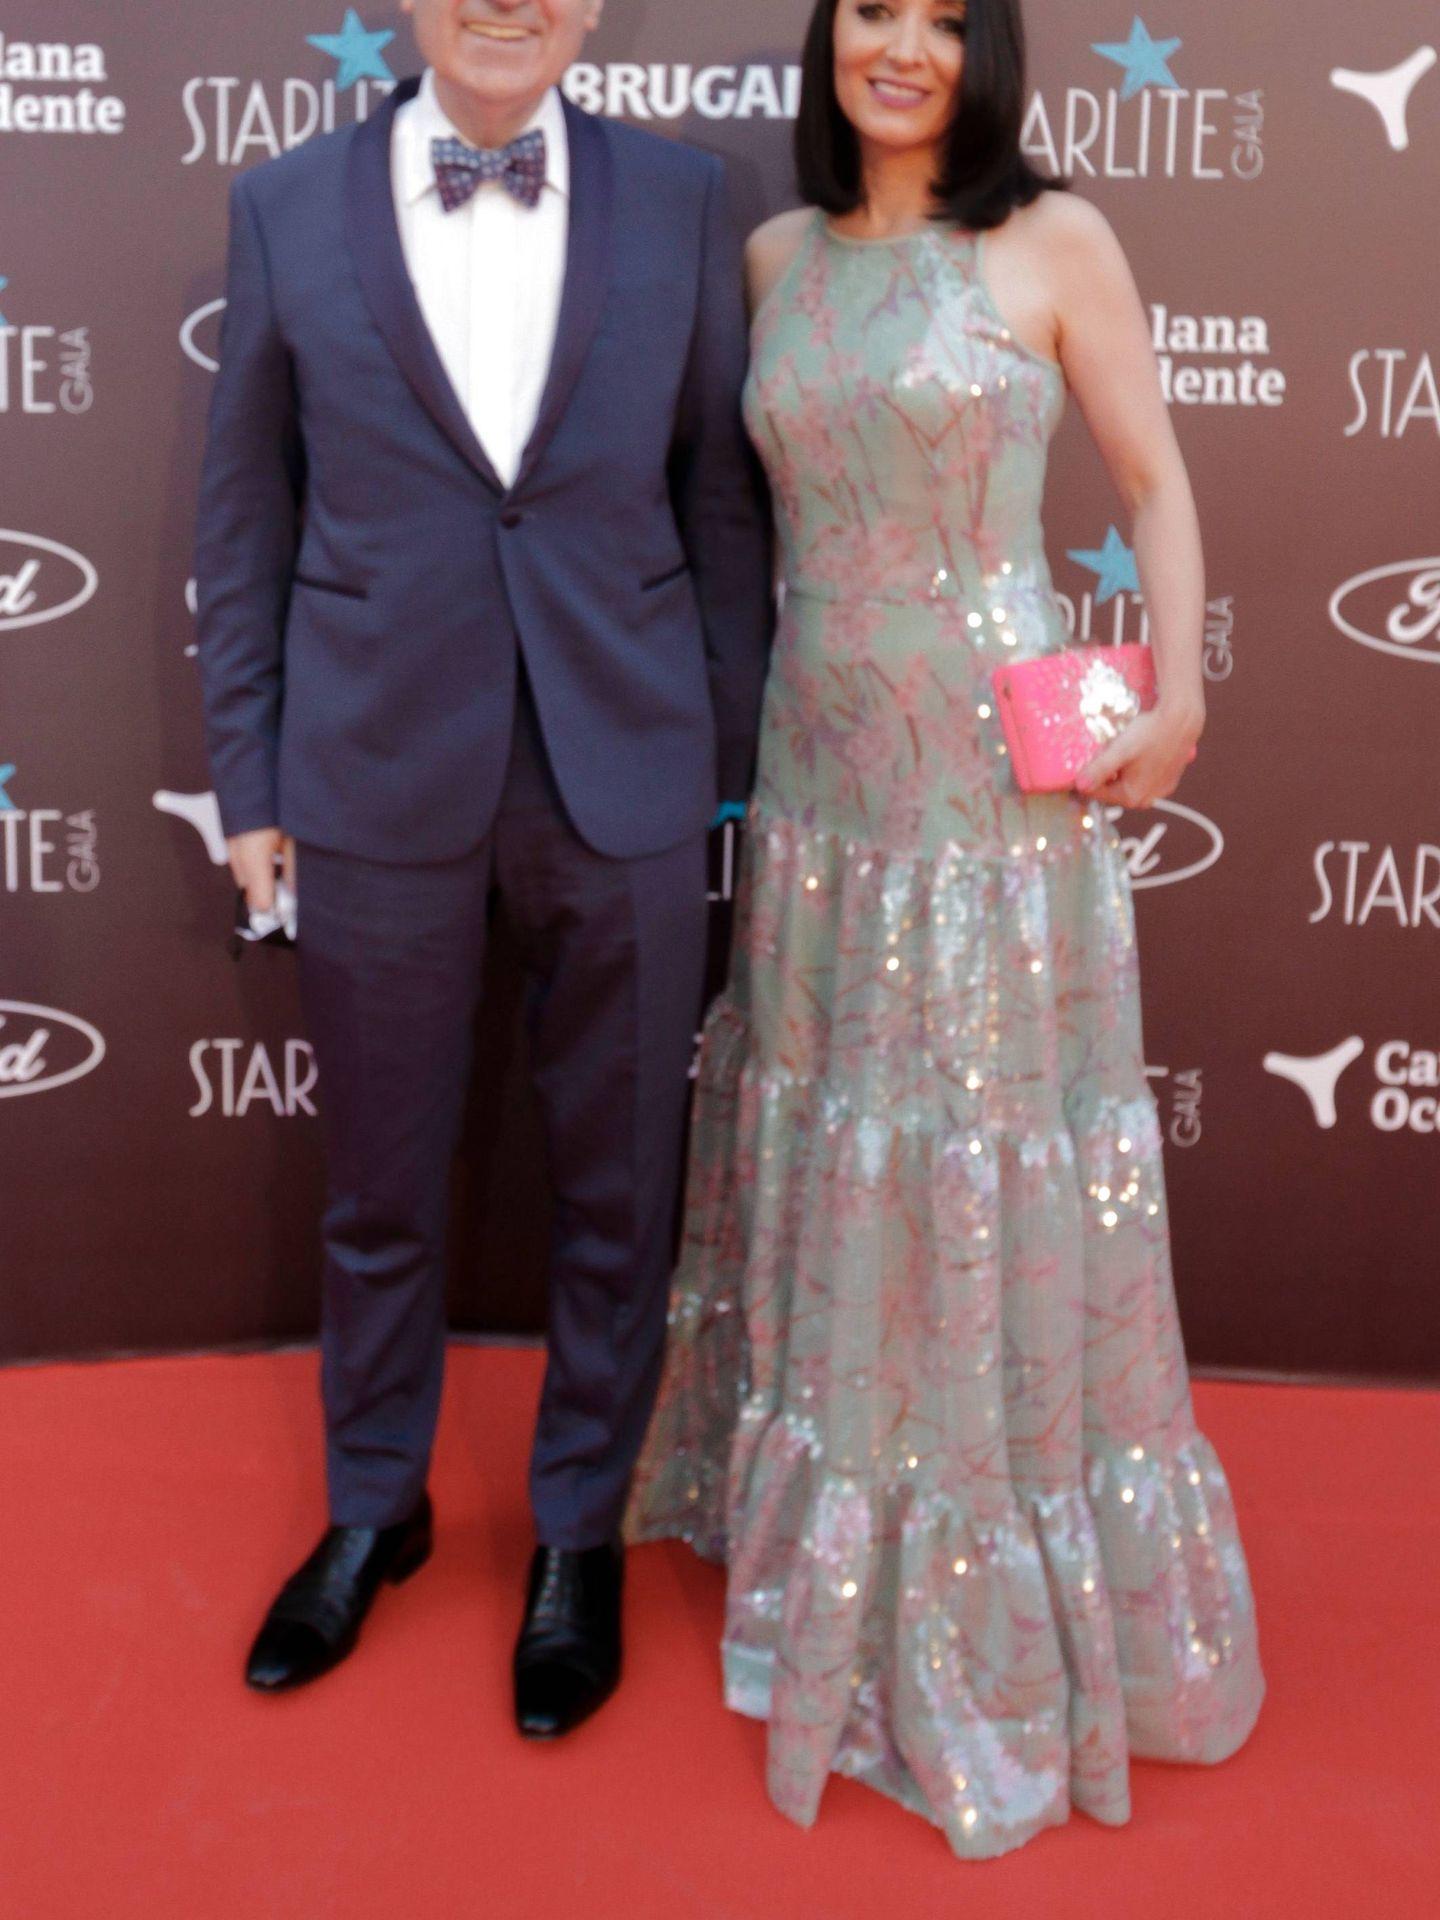 Cruz Sánchez de Lara y Pedro J (Imagen cortesía de Starlite)